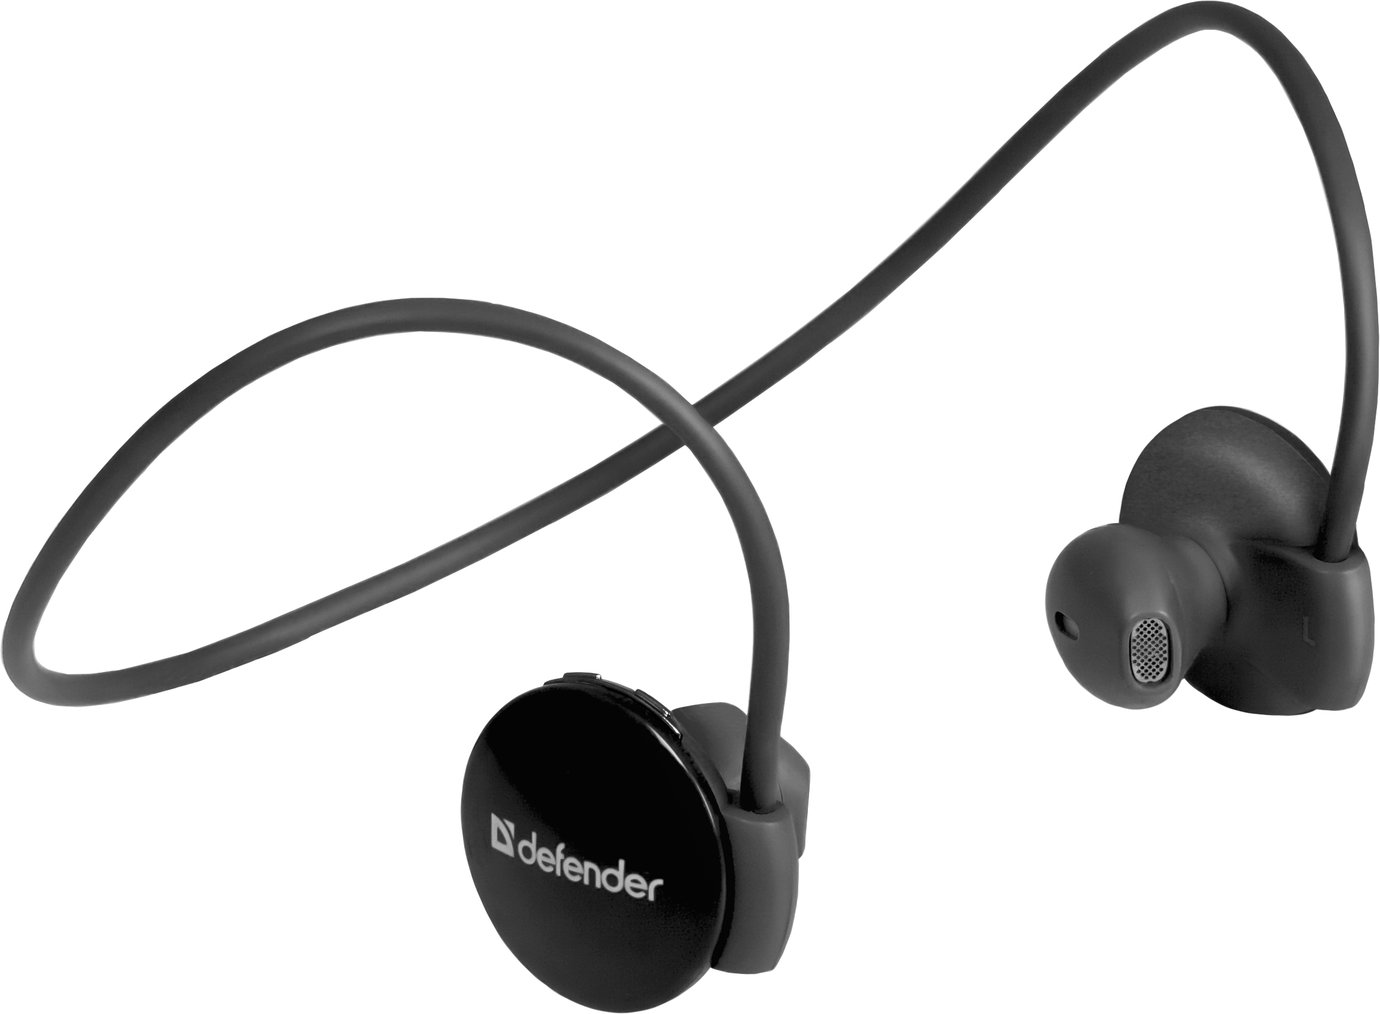 Гарнитура DEFENDER FreeMotion B611 Bluetooth, чёрная. Вкладыши. Разъём: micro-USB. Диапазон частот: 20-20000 Гц. Клавиши управления на наушниках. Встроенный микрофон с шумоподавлением. Радиус действия до 10 м. (1/40) Defender 63611